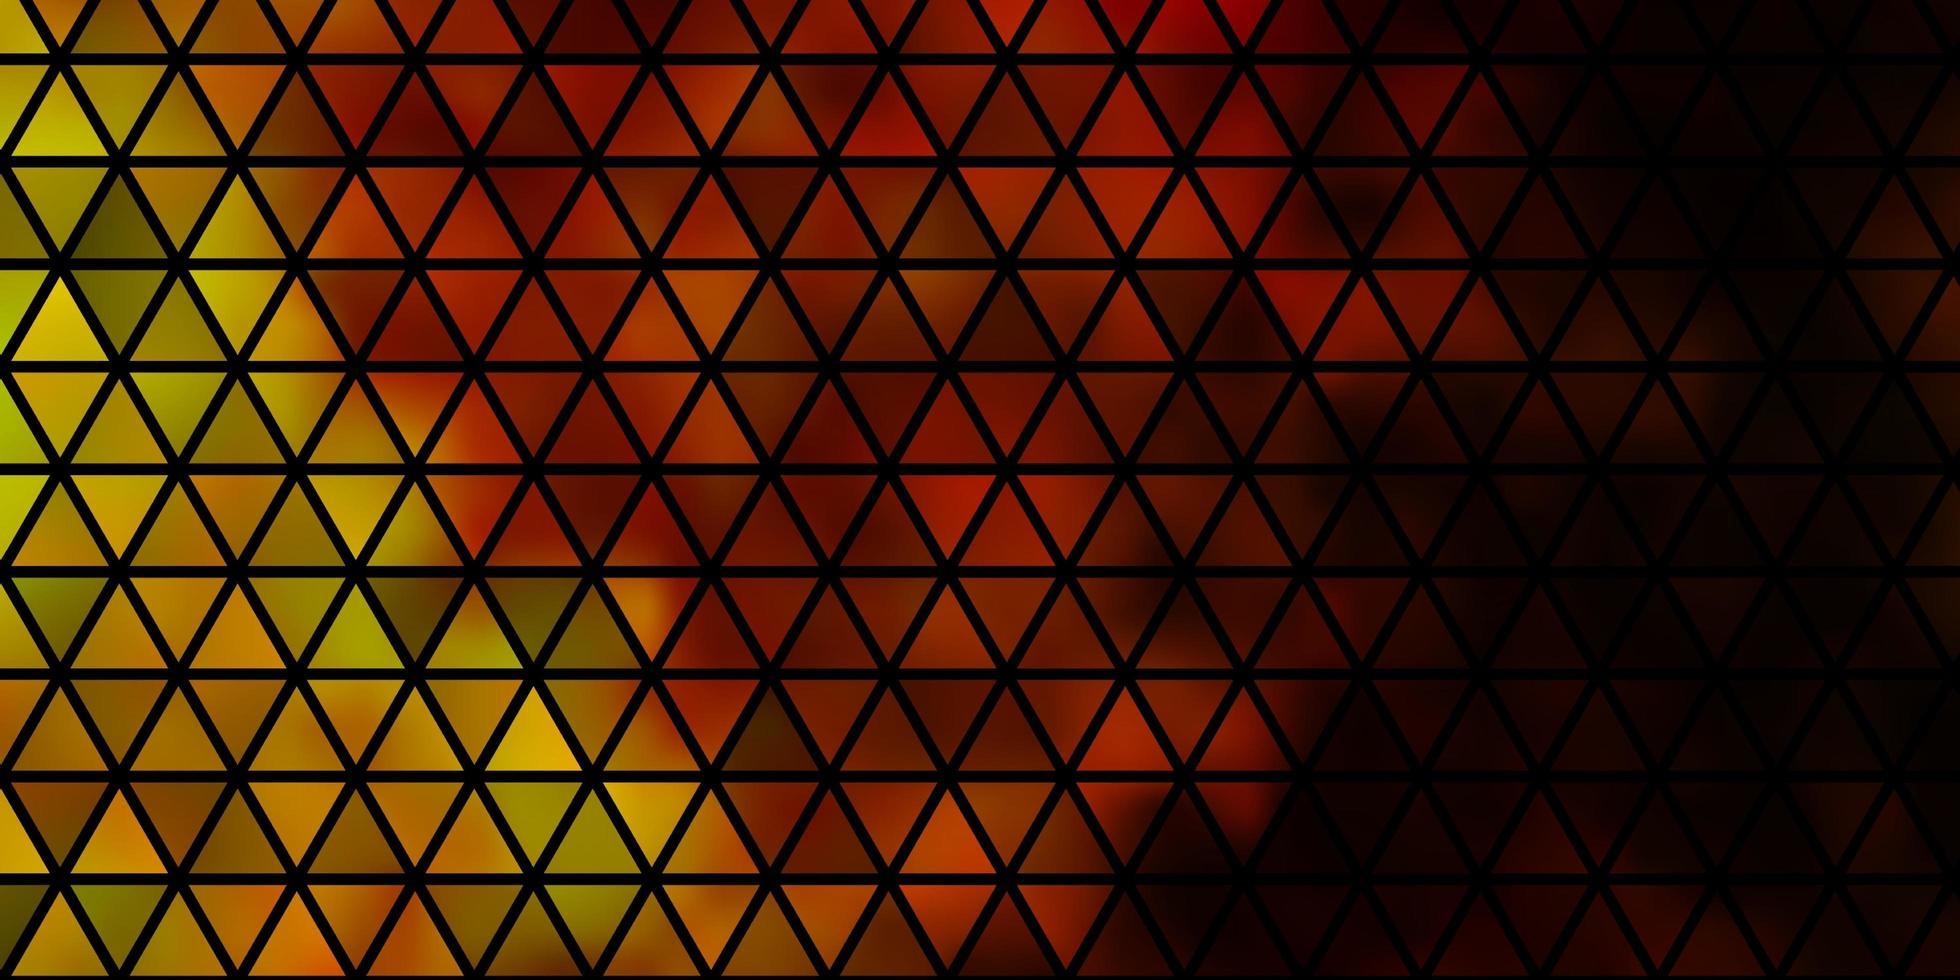 padrão de vetor amarelo escuro com estilo poligonal.